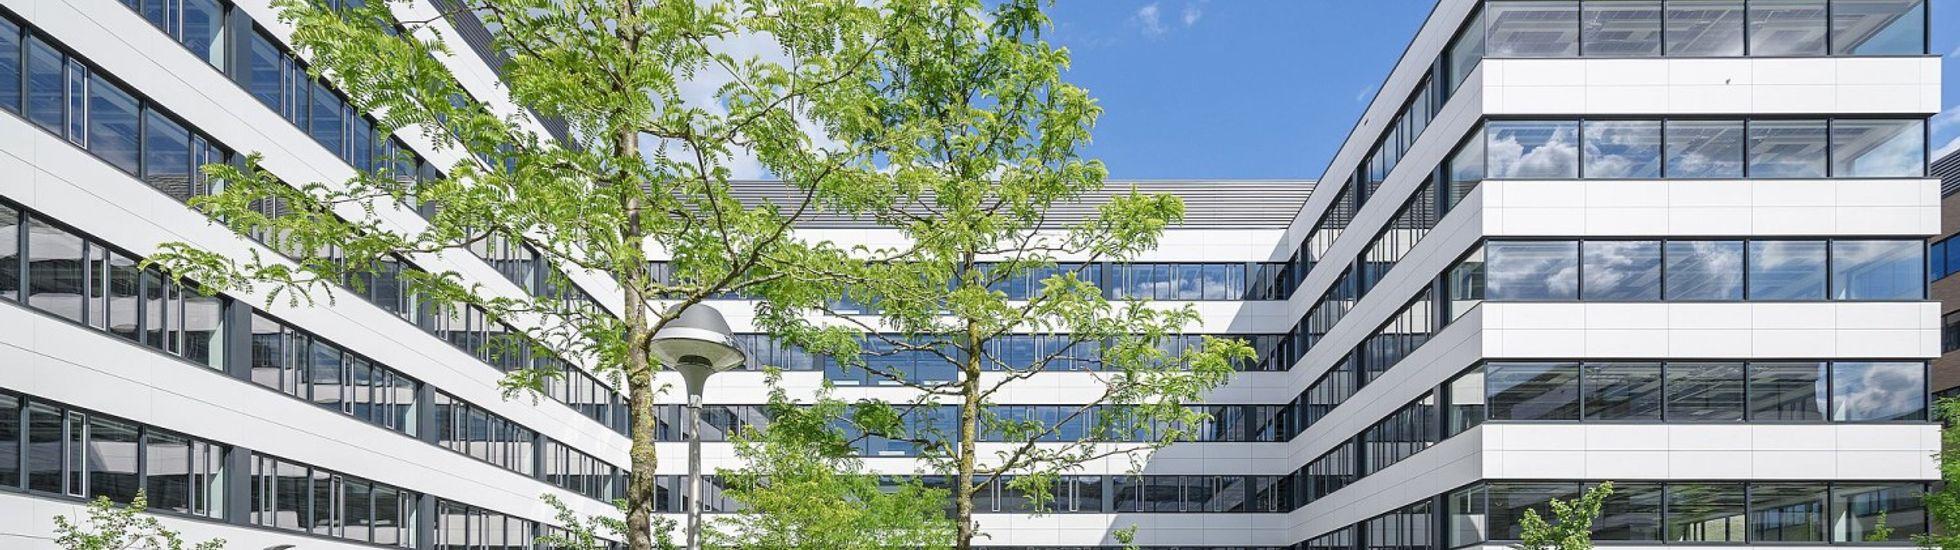 [Poznań] Firma farmaceutyczna powiększa przestrzeń biurową w Business Garden w Poznaniu